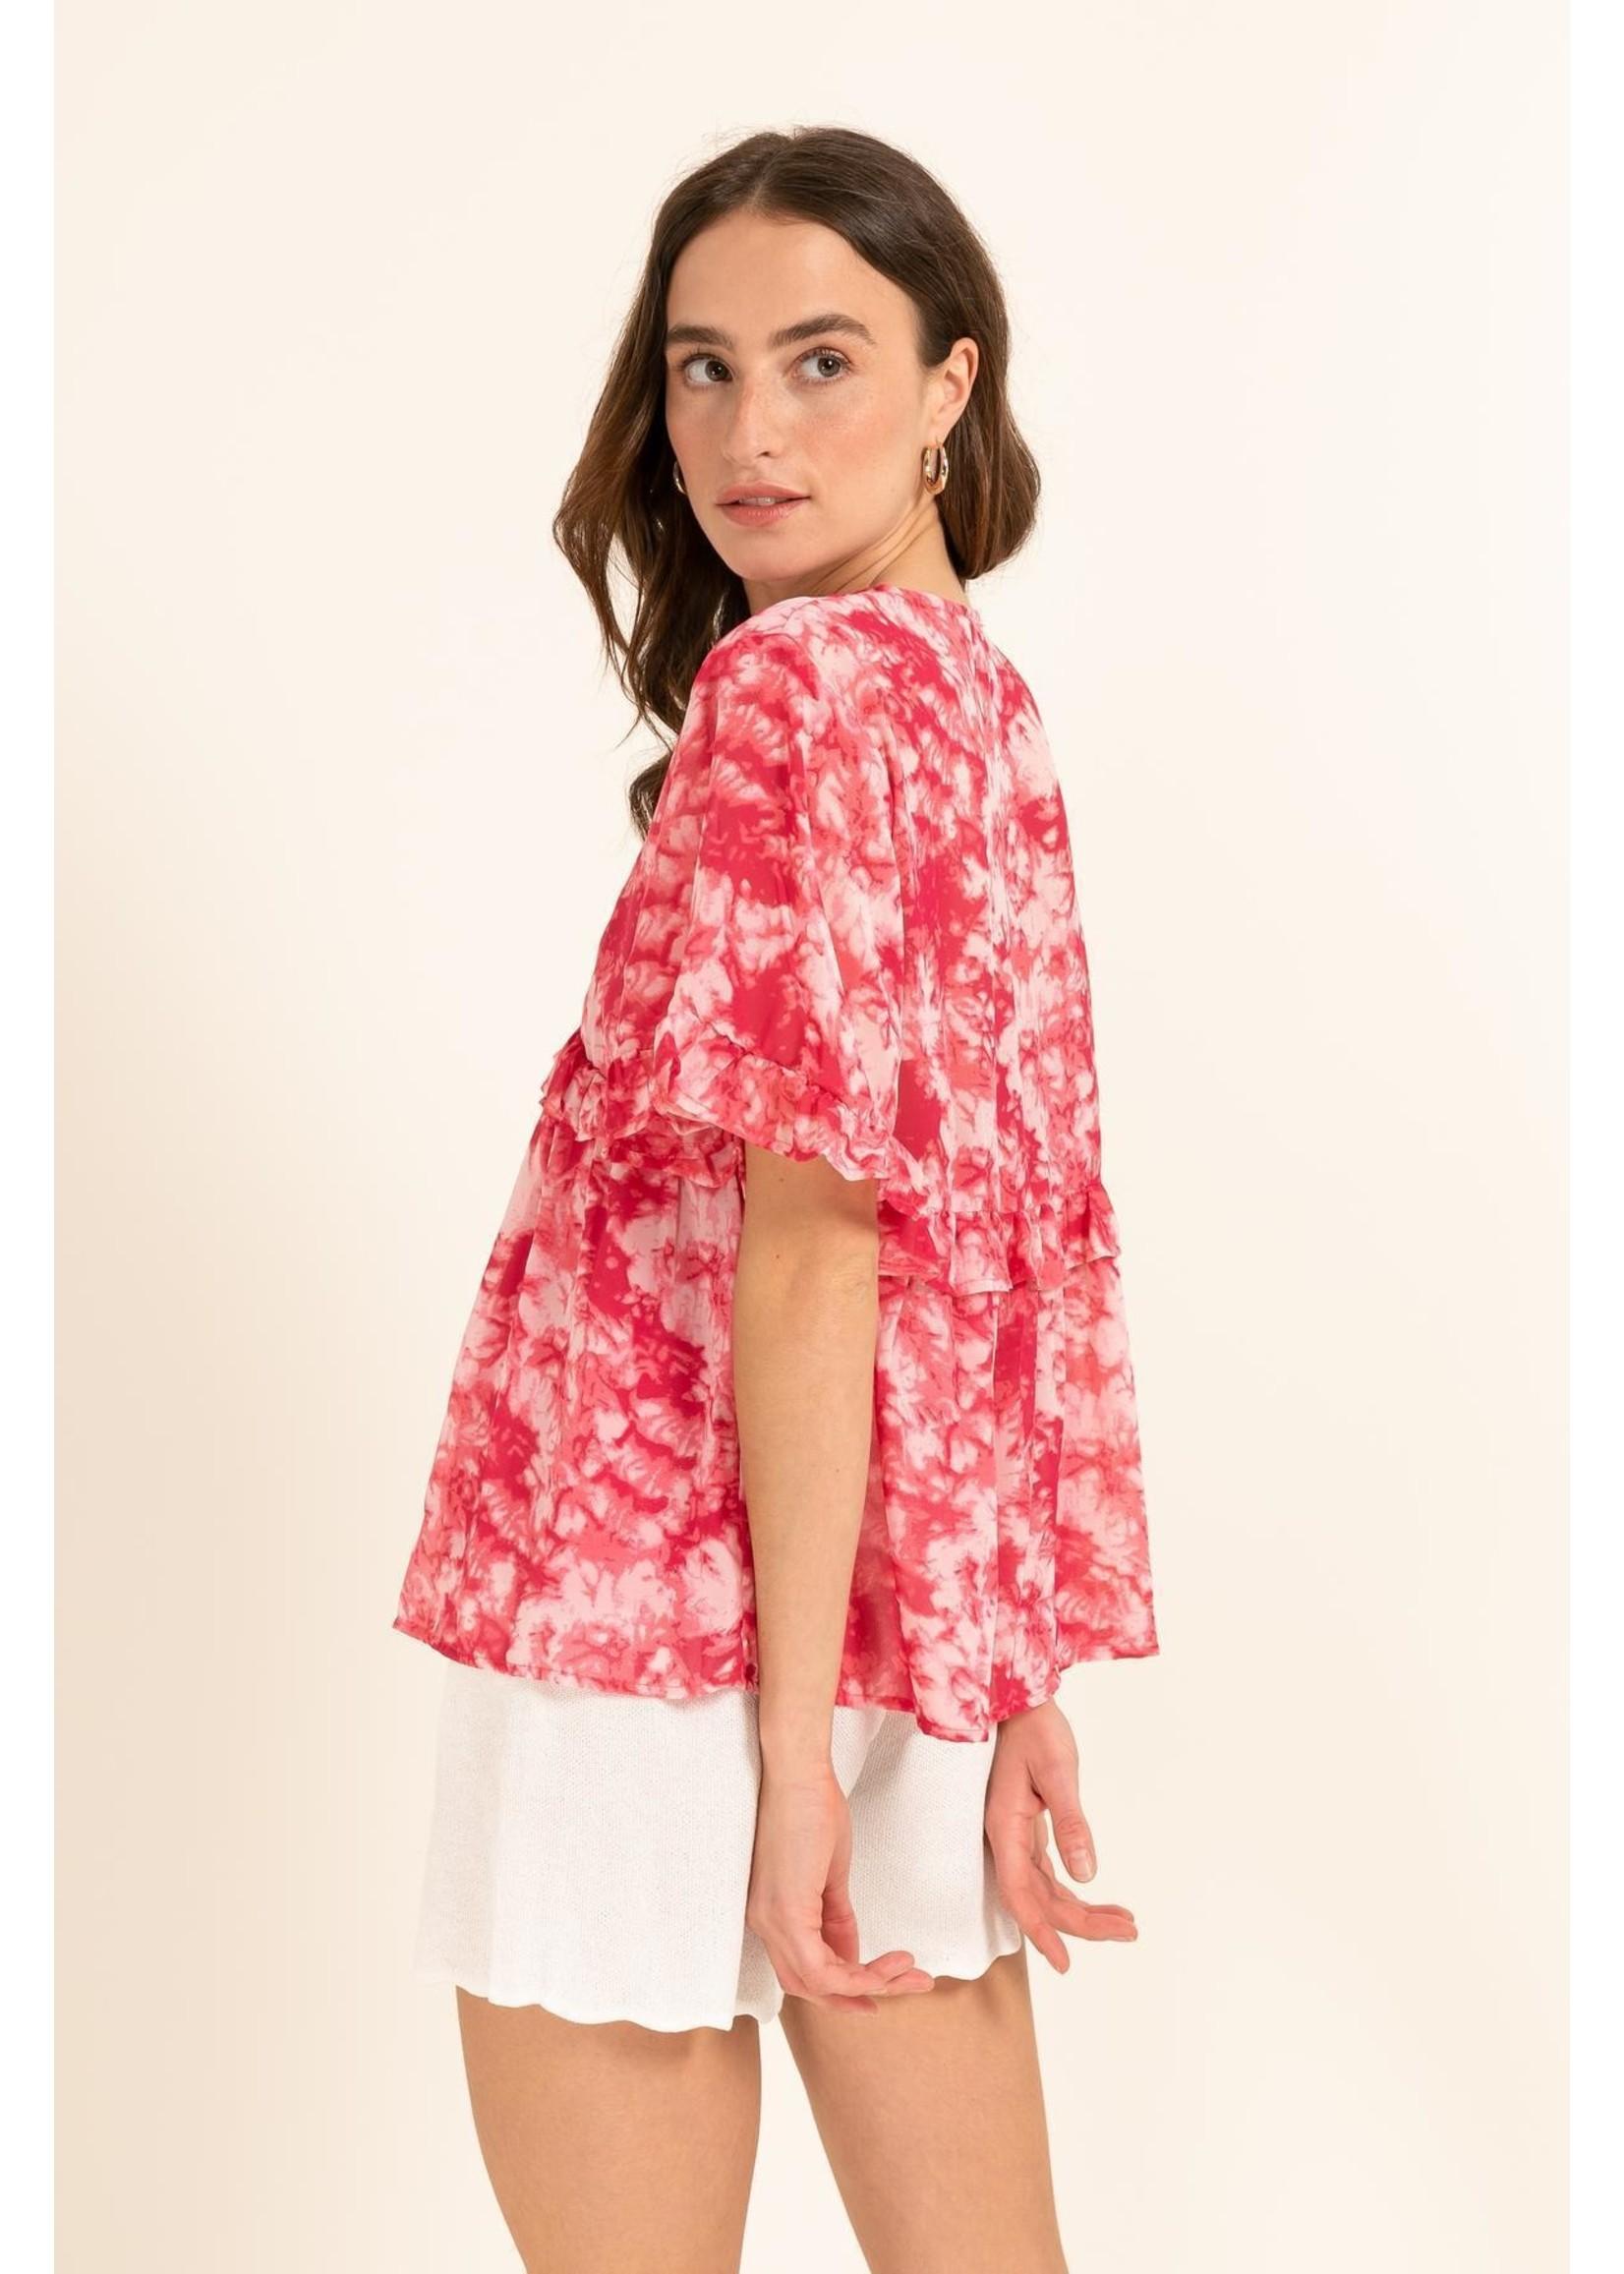 Cherry Paris Officiel Cherry blouse tie dye